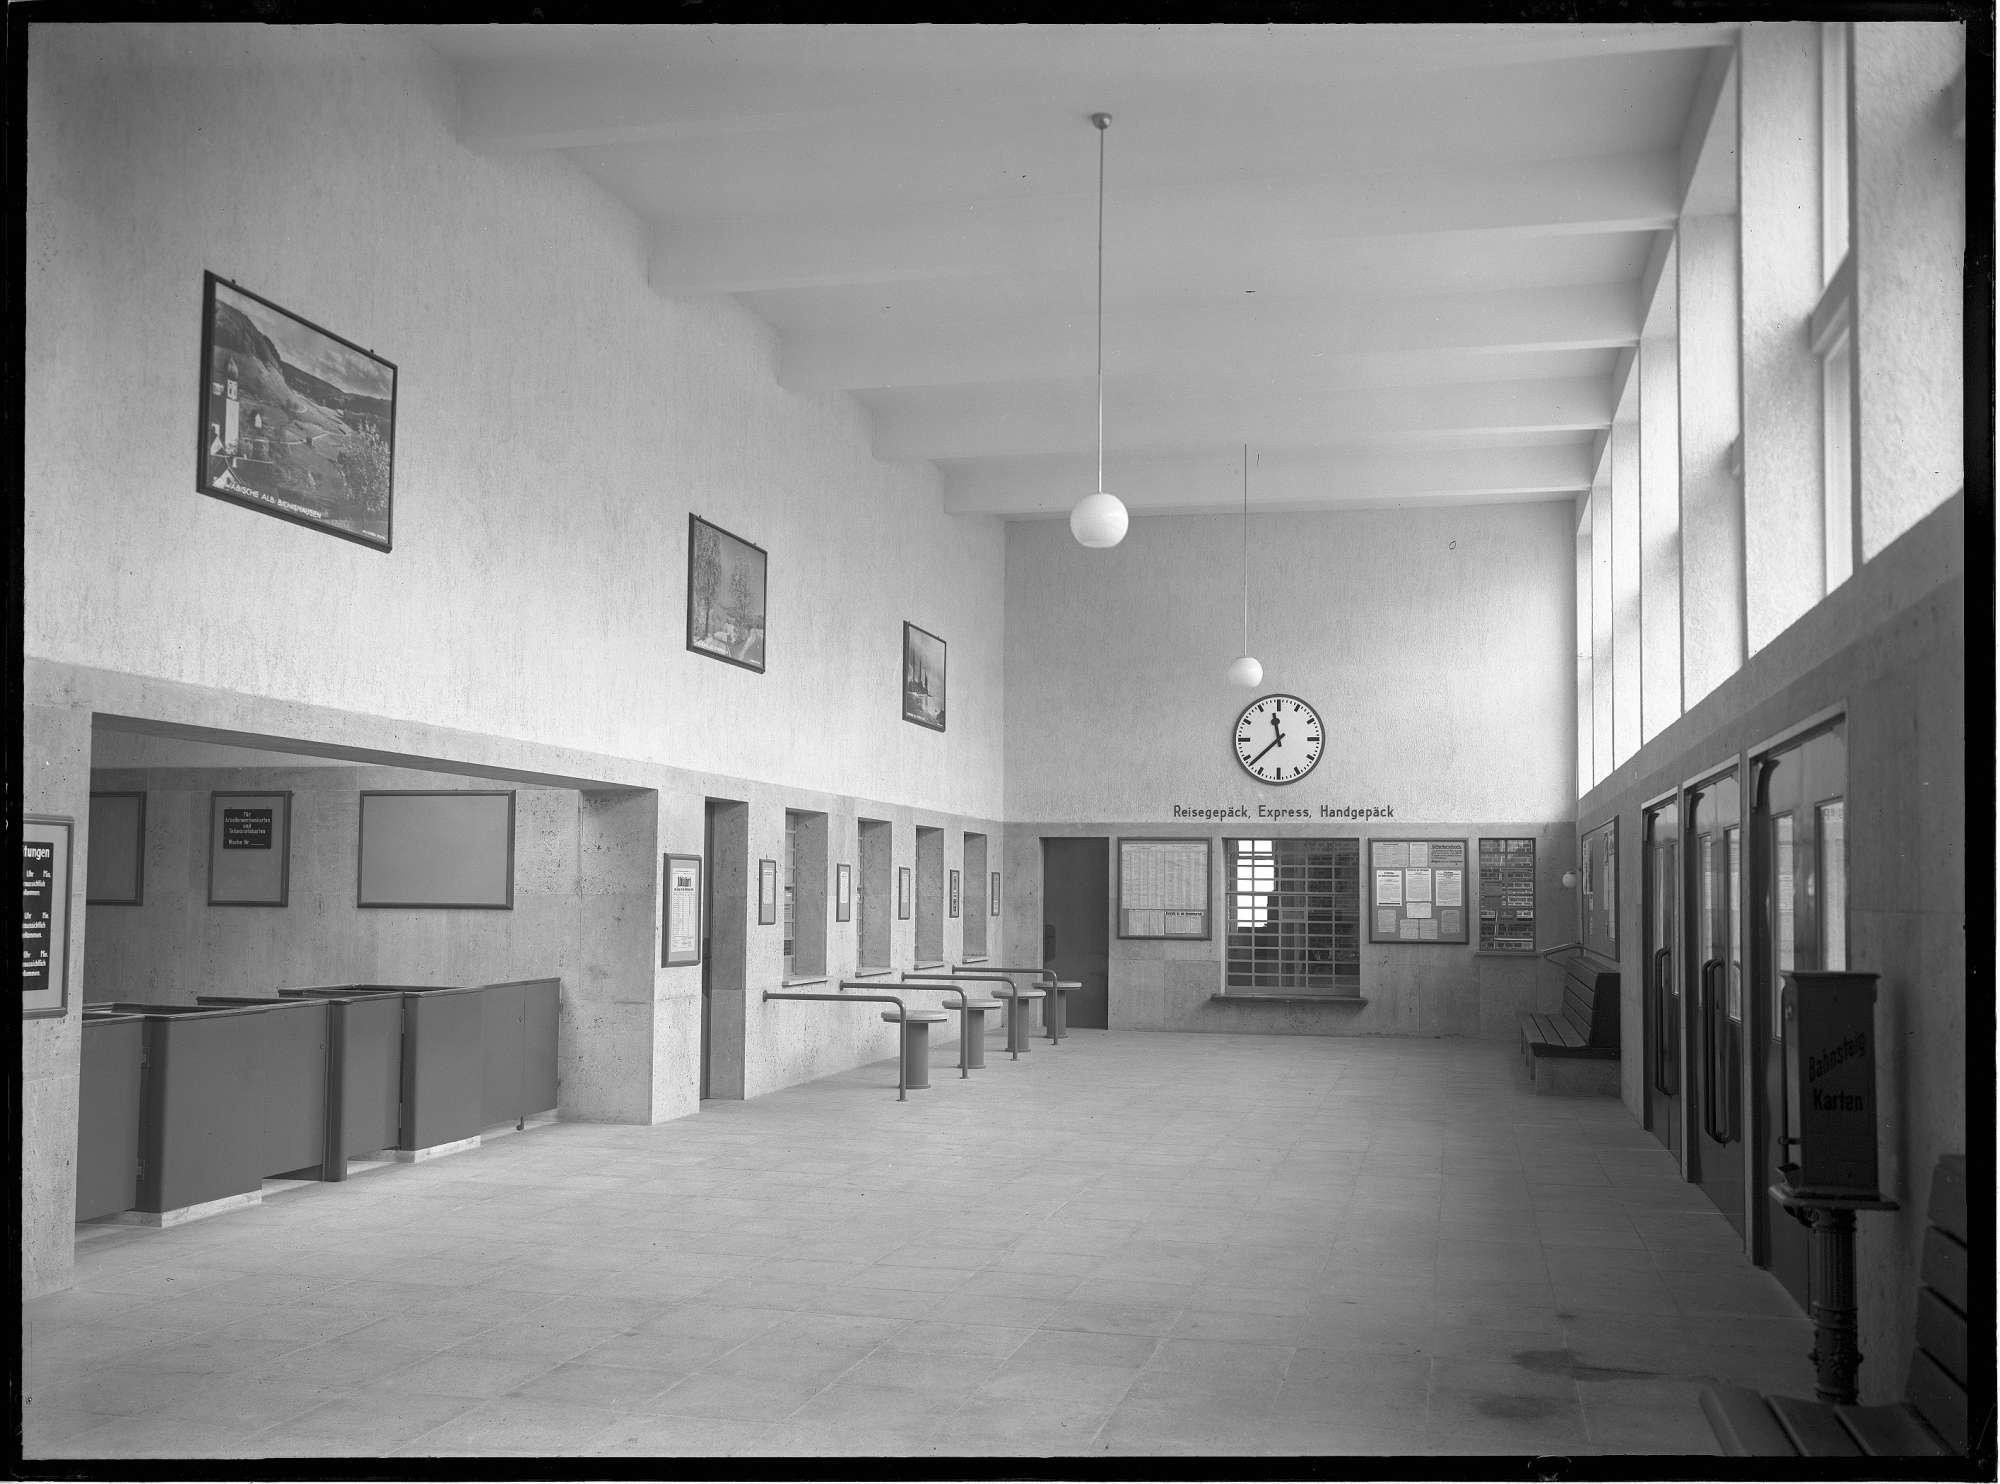 Nürtingen, neuer Bf, Innenraum (Schalterhalle), Bild 1